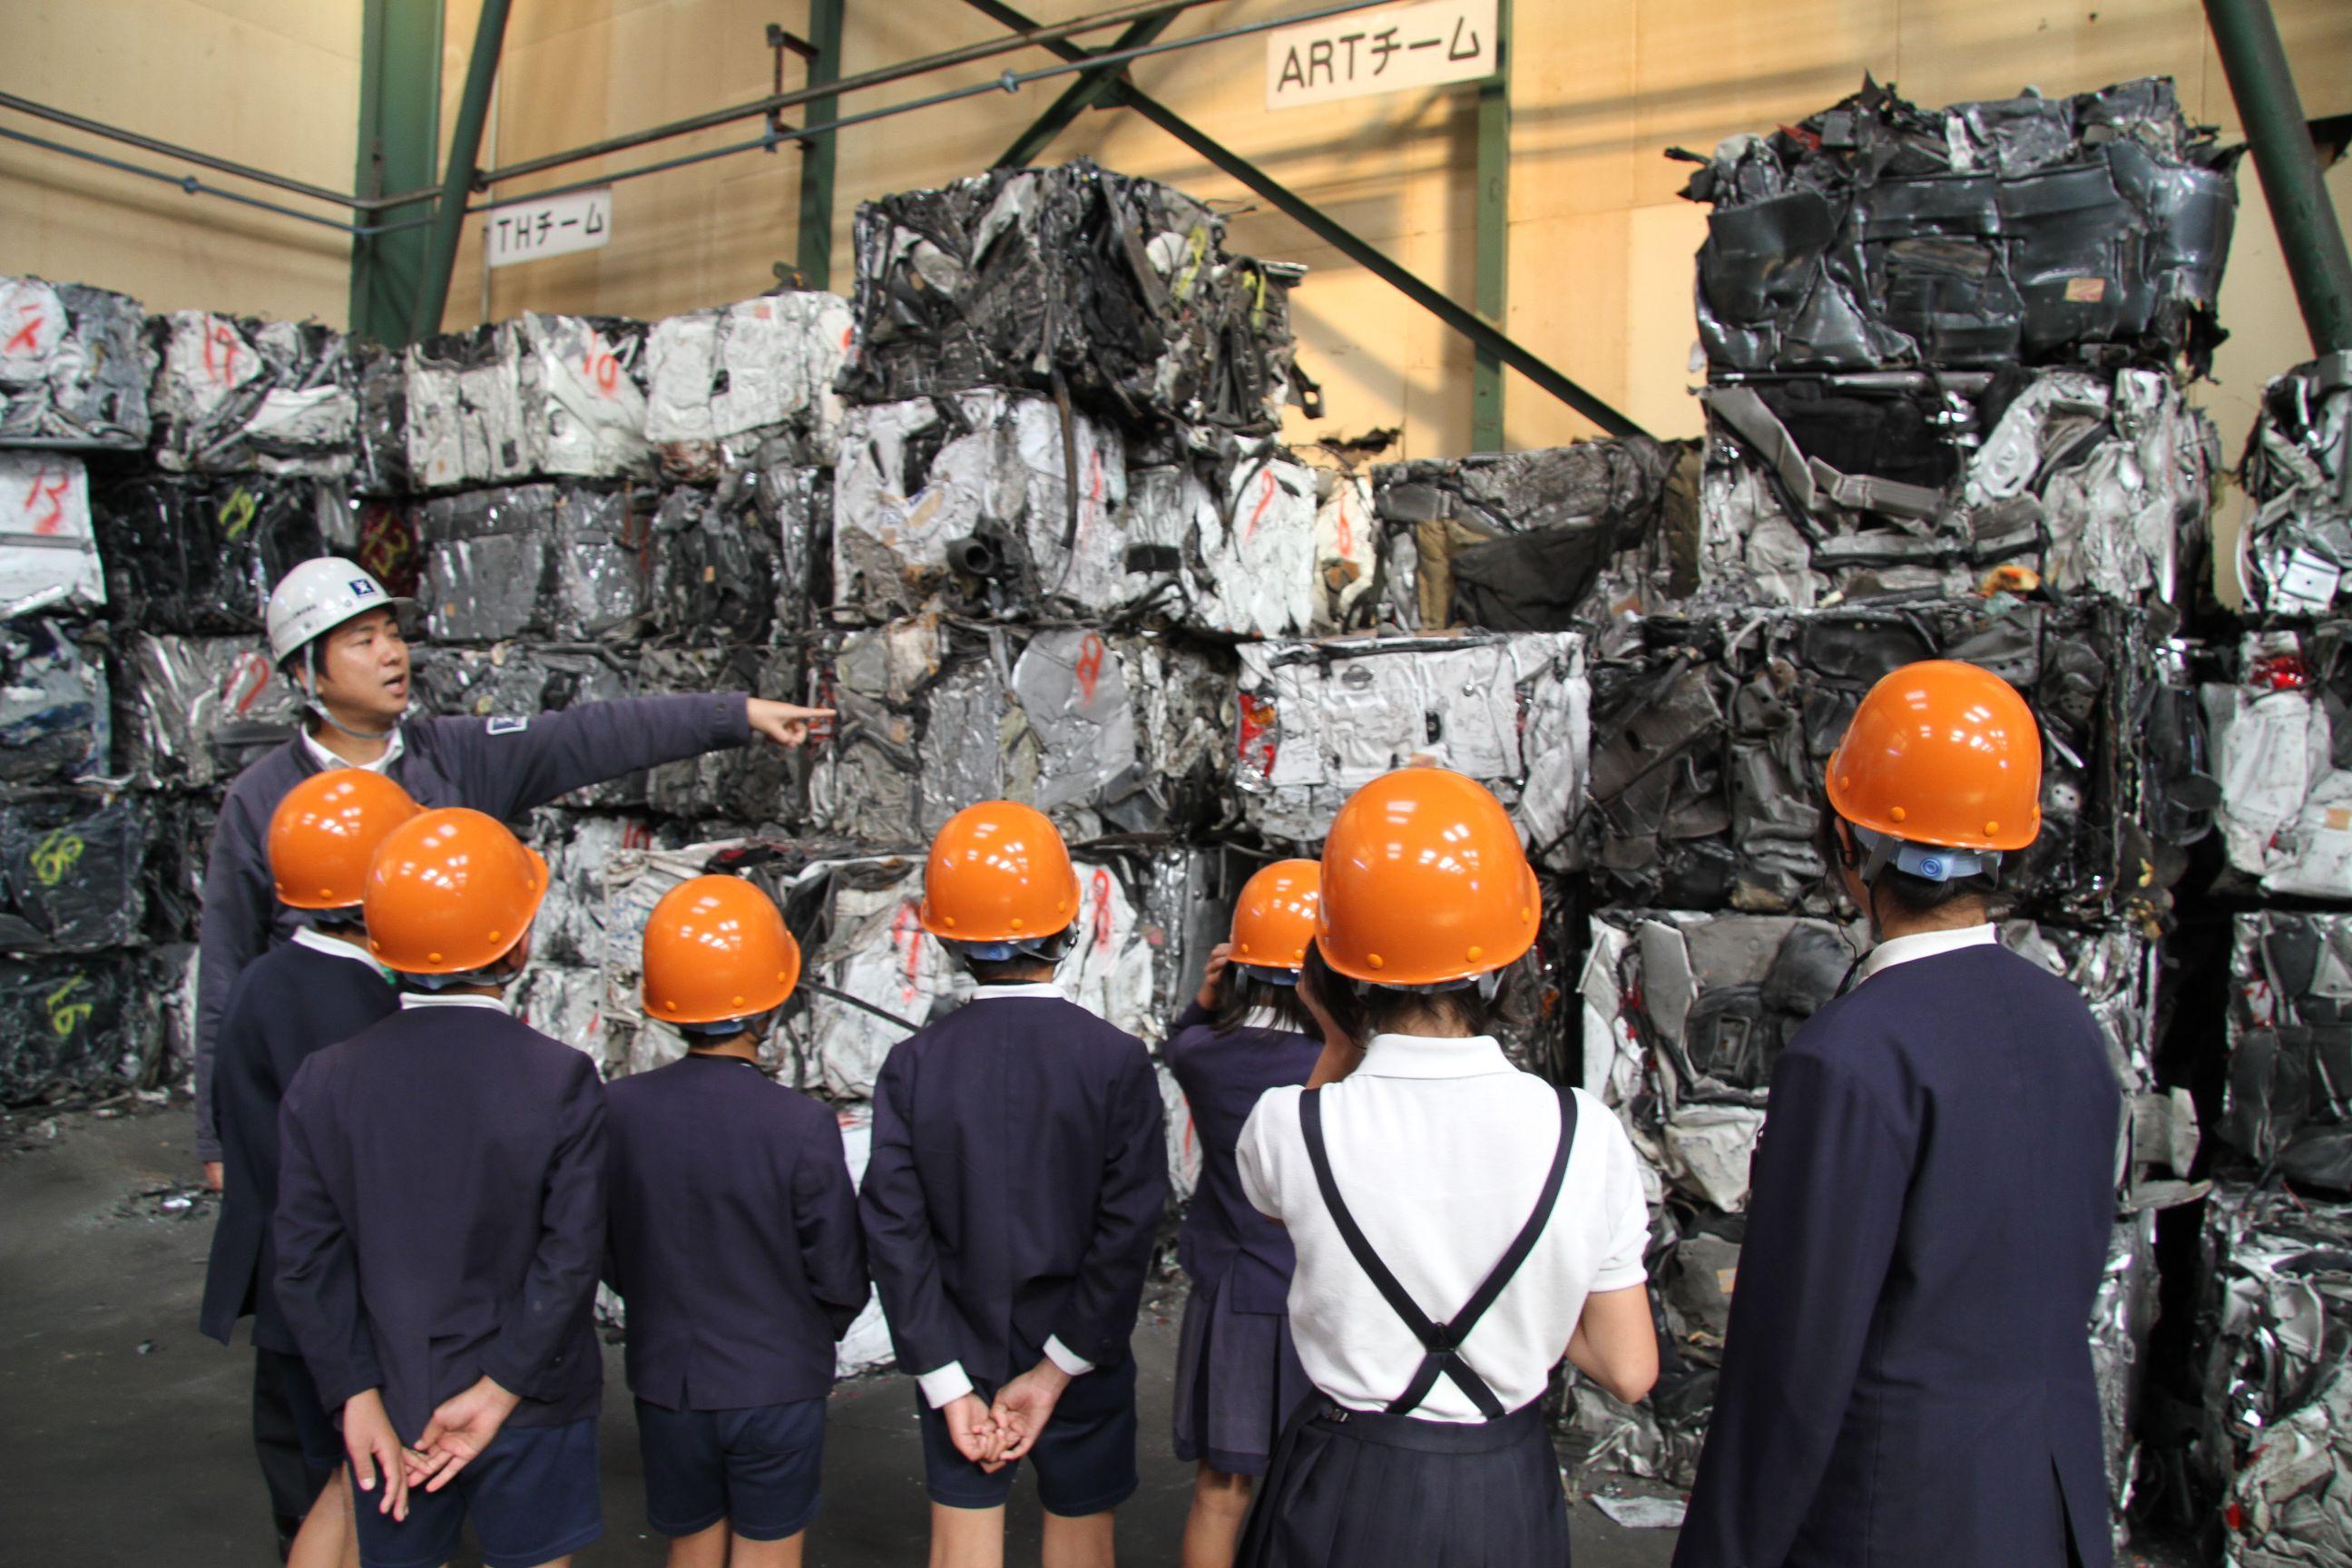 ツネイシCバリューズ カーリサイクル工場の見学(2014年の様子)